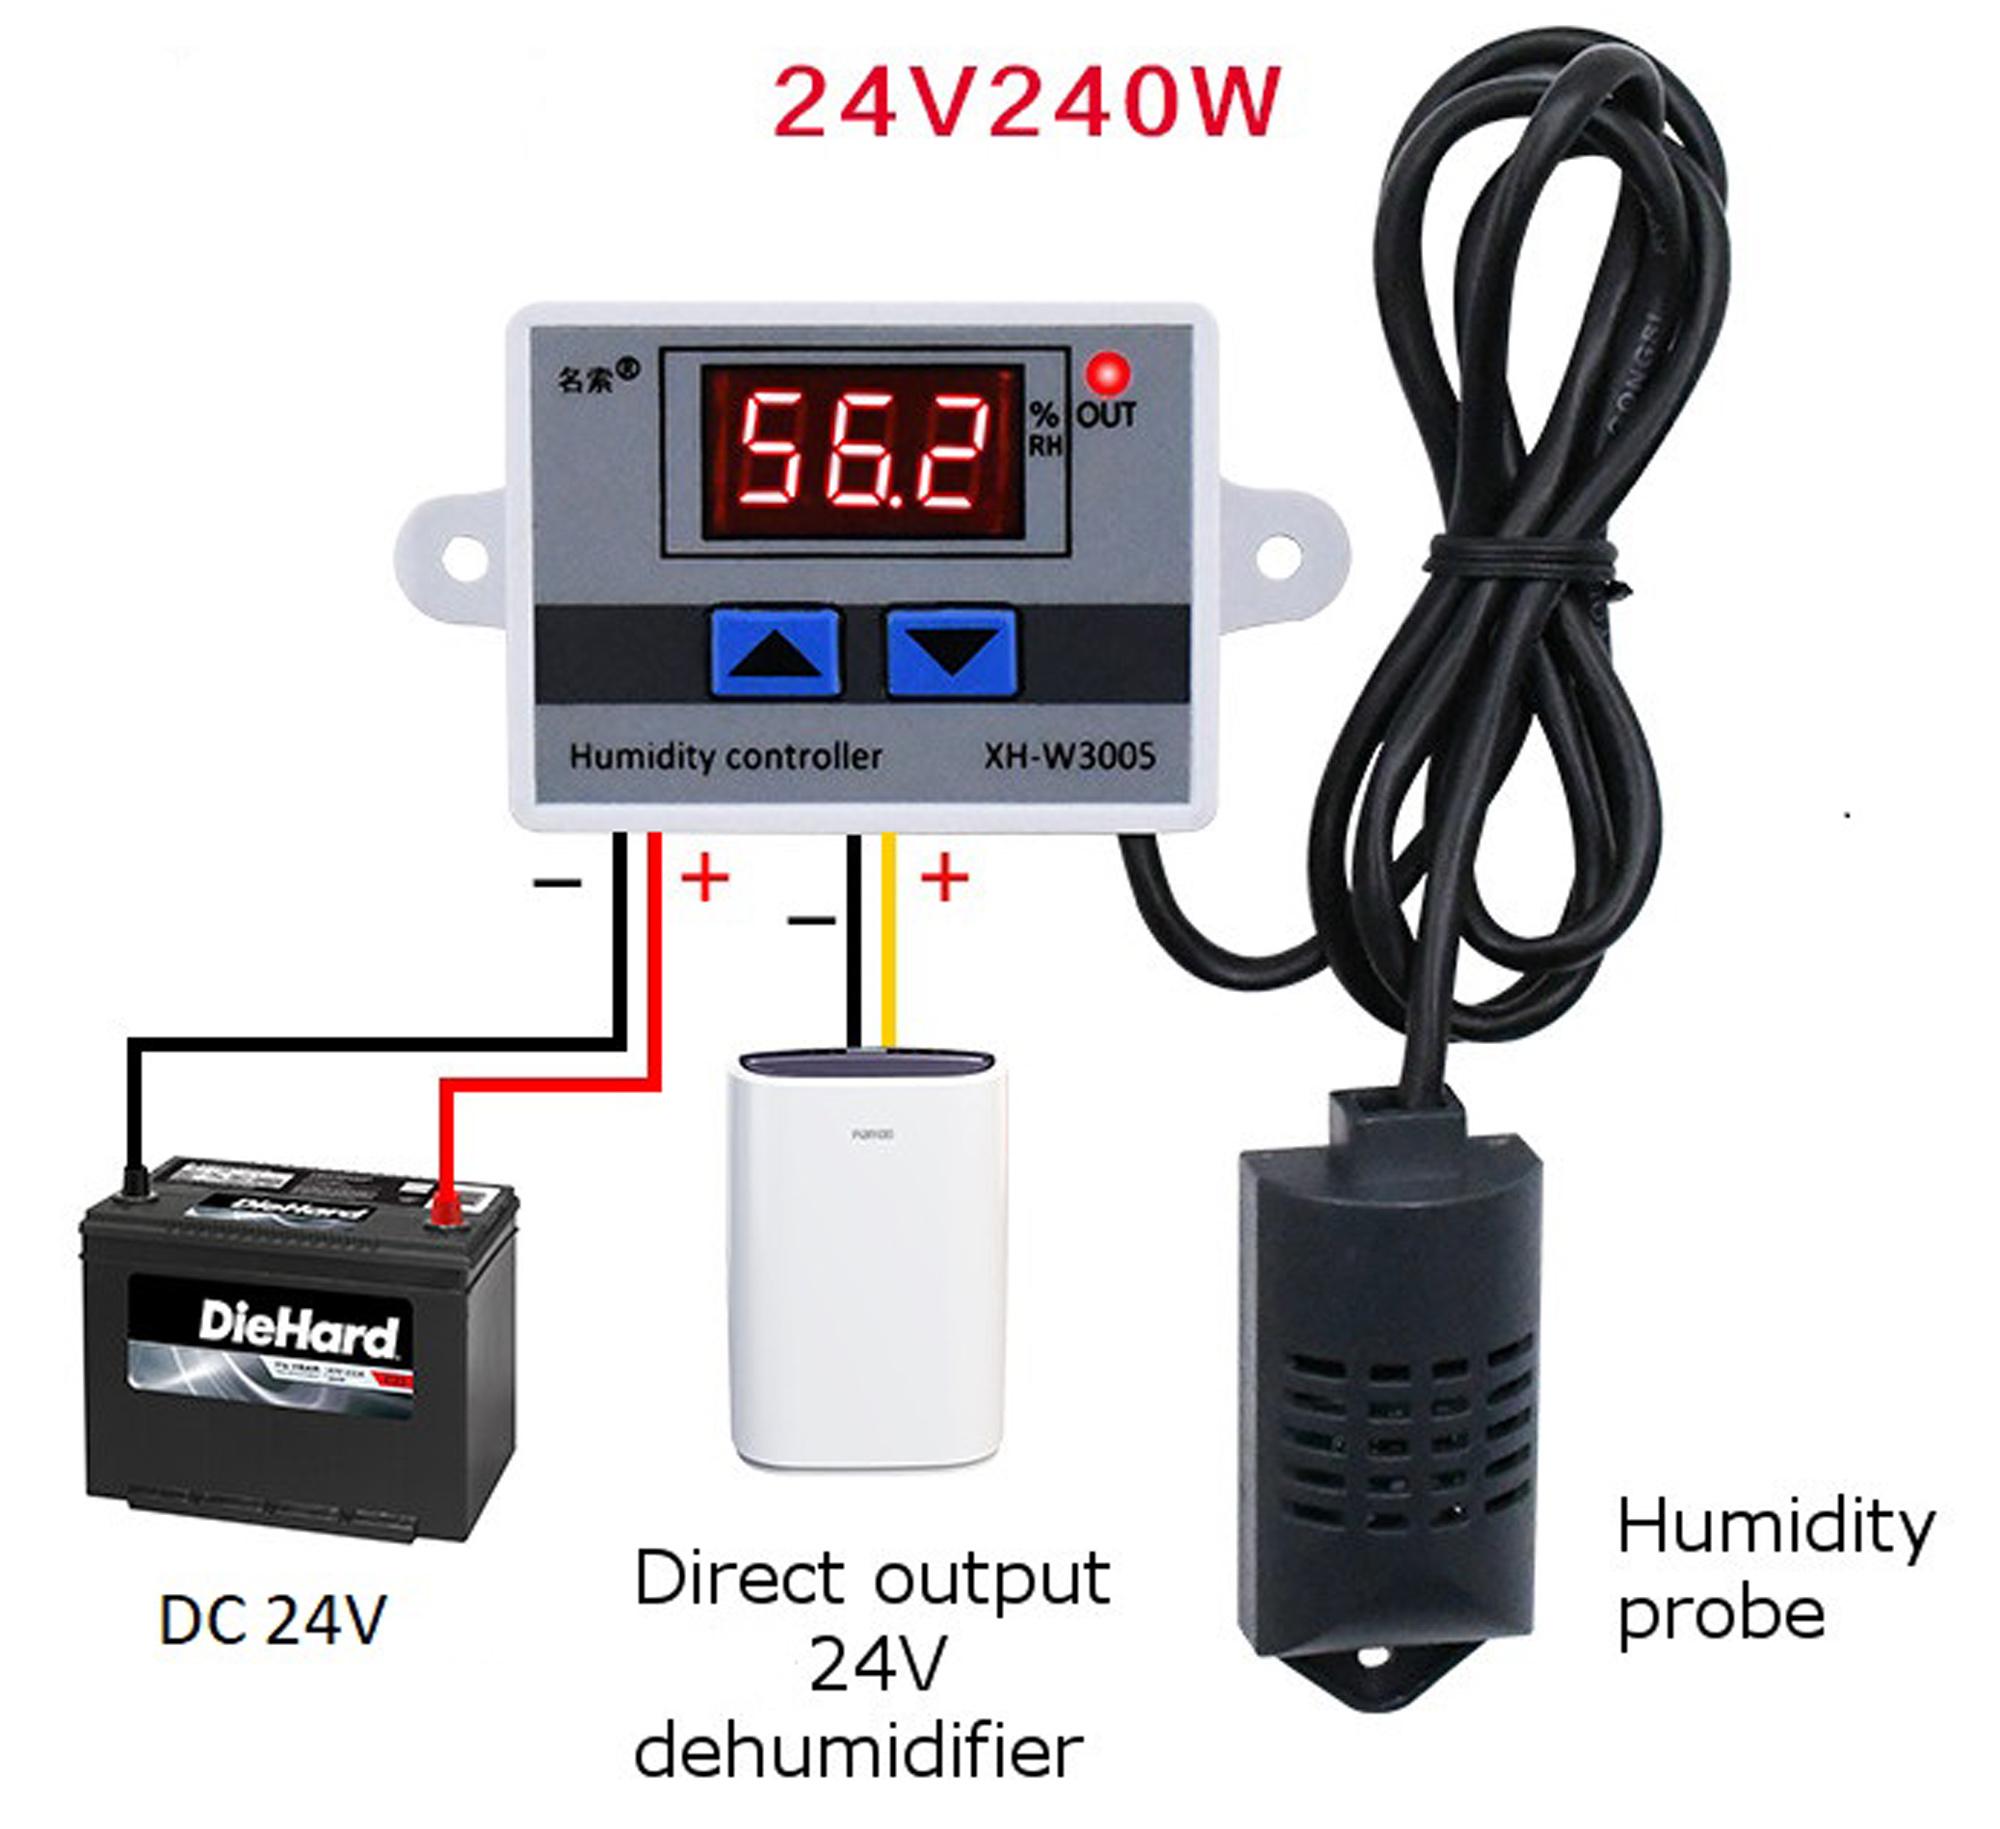 Sơ đồ kết nối tham khảo cho Bộ khống chế độ ẩm XH-W3005 24VDC 240W